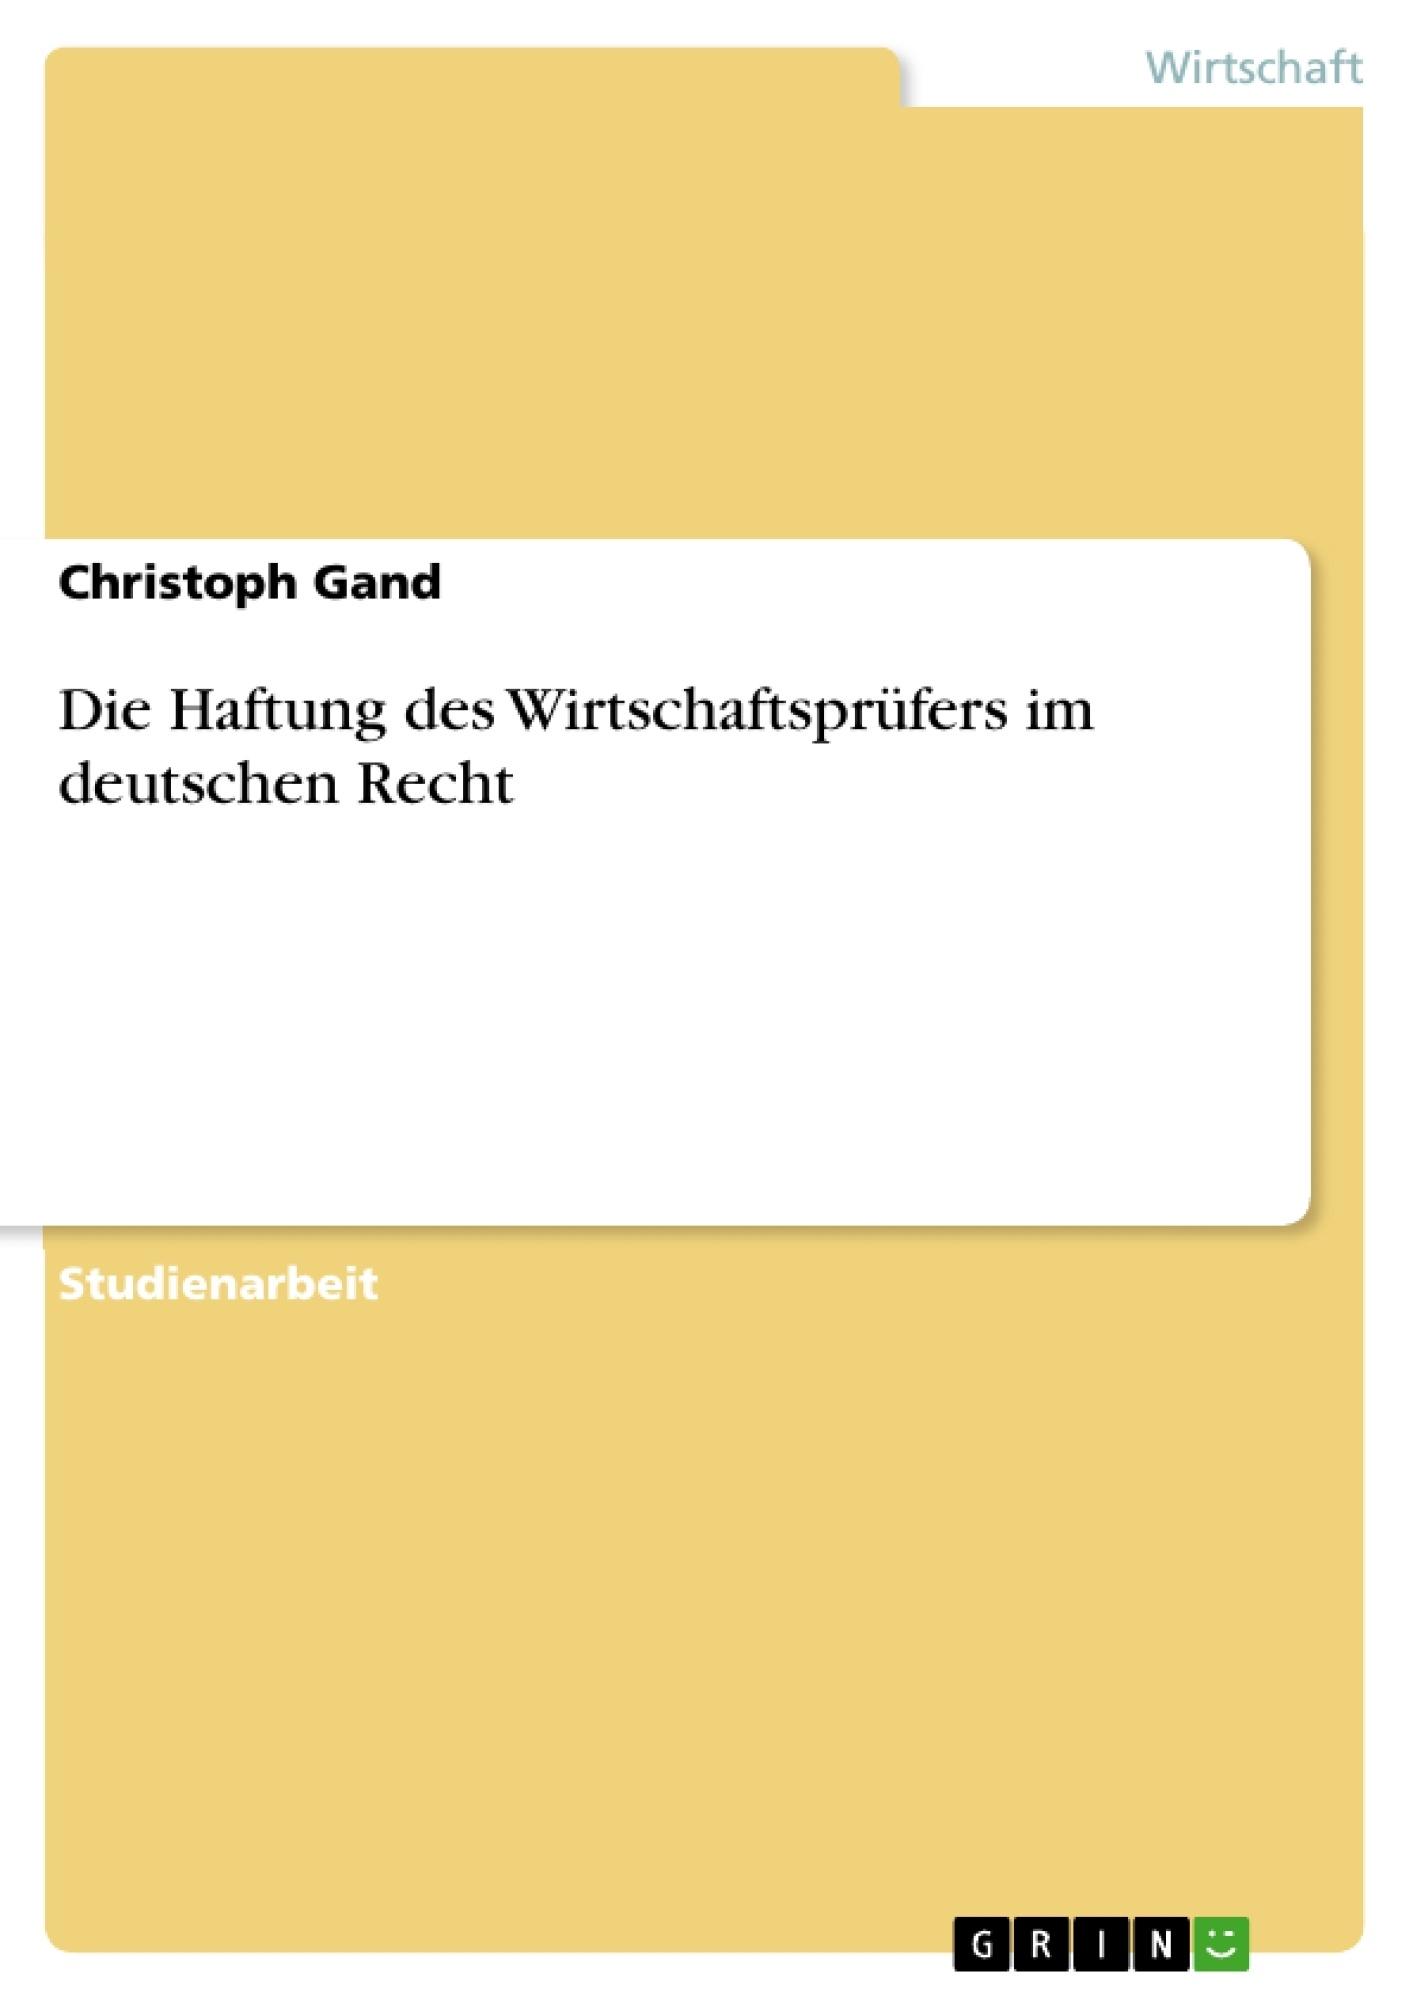 Titel: Die Haftung des Wirtschaftsprüfers im deutschen Recht